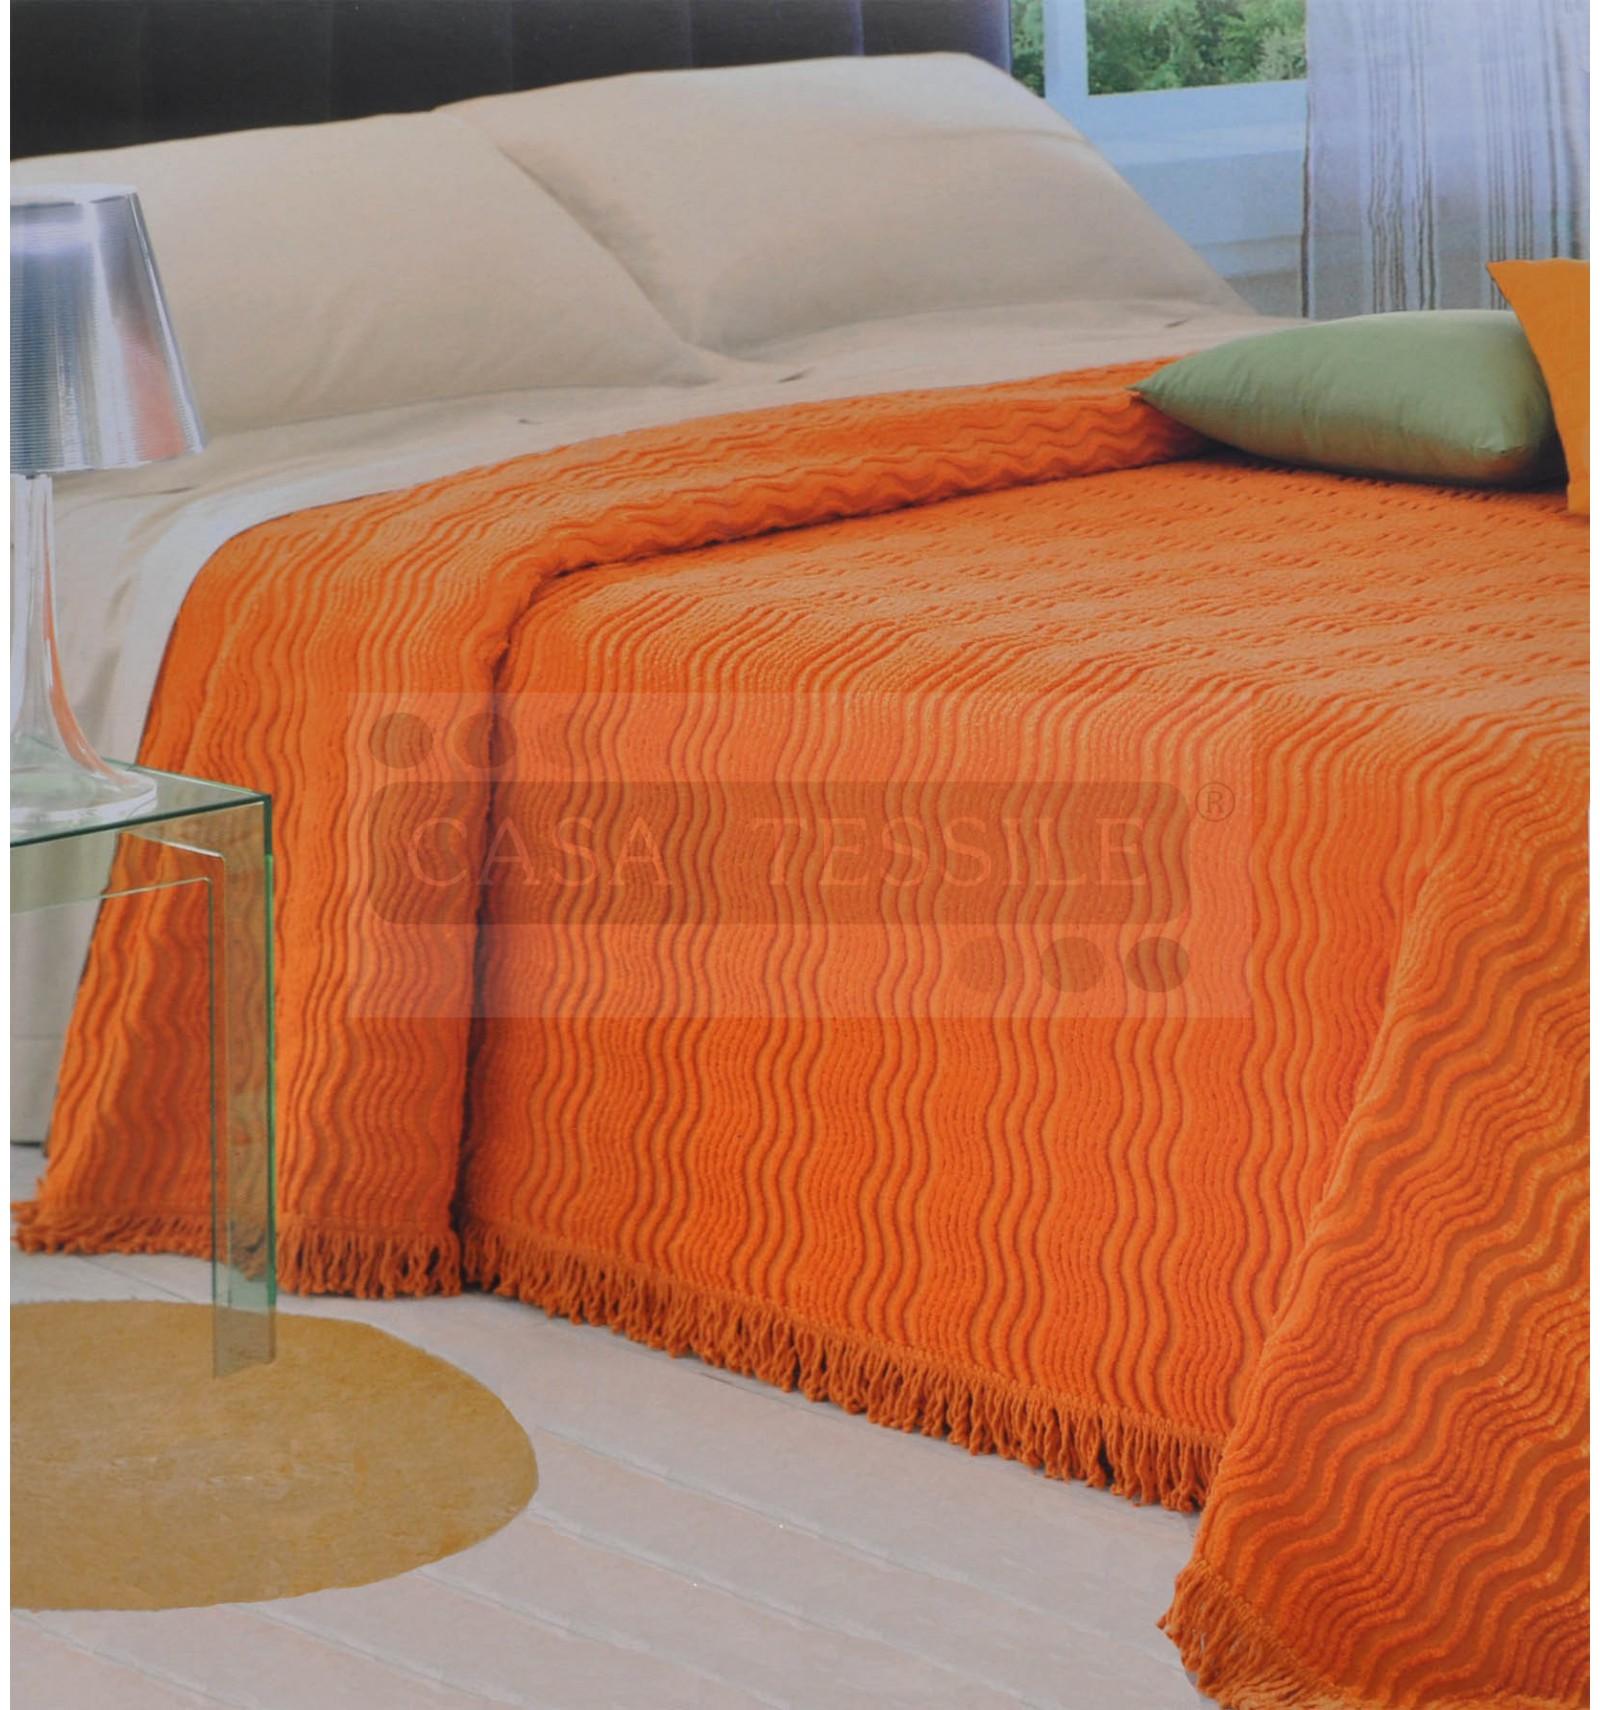 Slalom ciniglia copriletto matrimoniale cm 260x270 casa tessile - Copriletto matrimoniale rosso ...